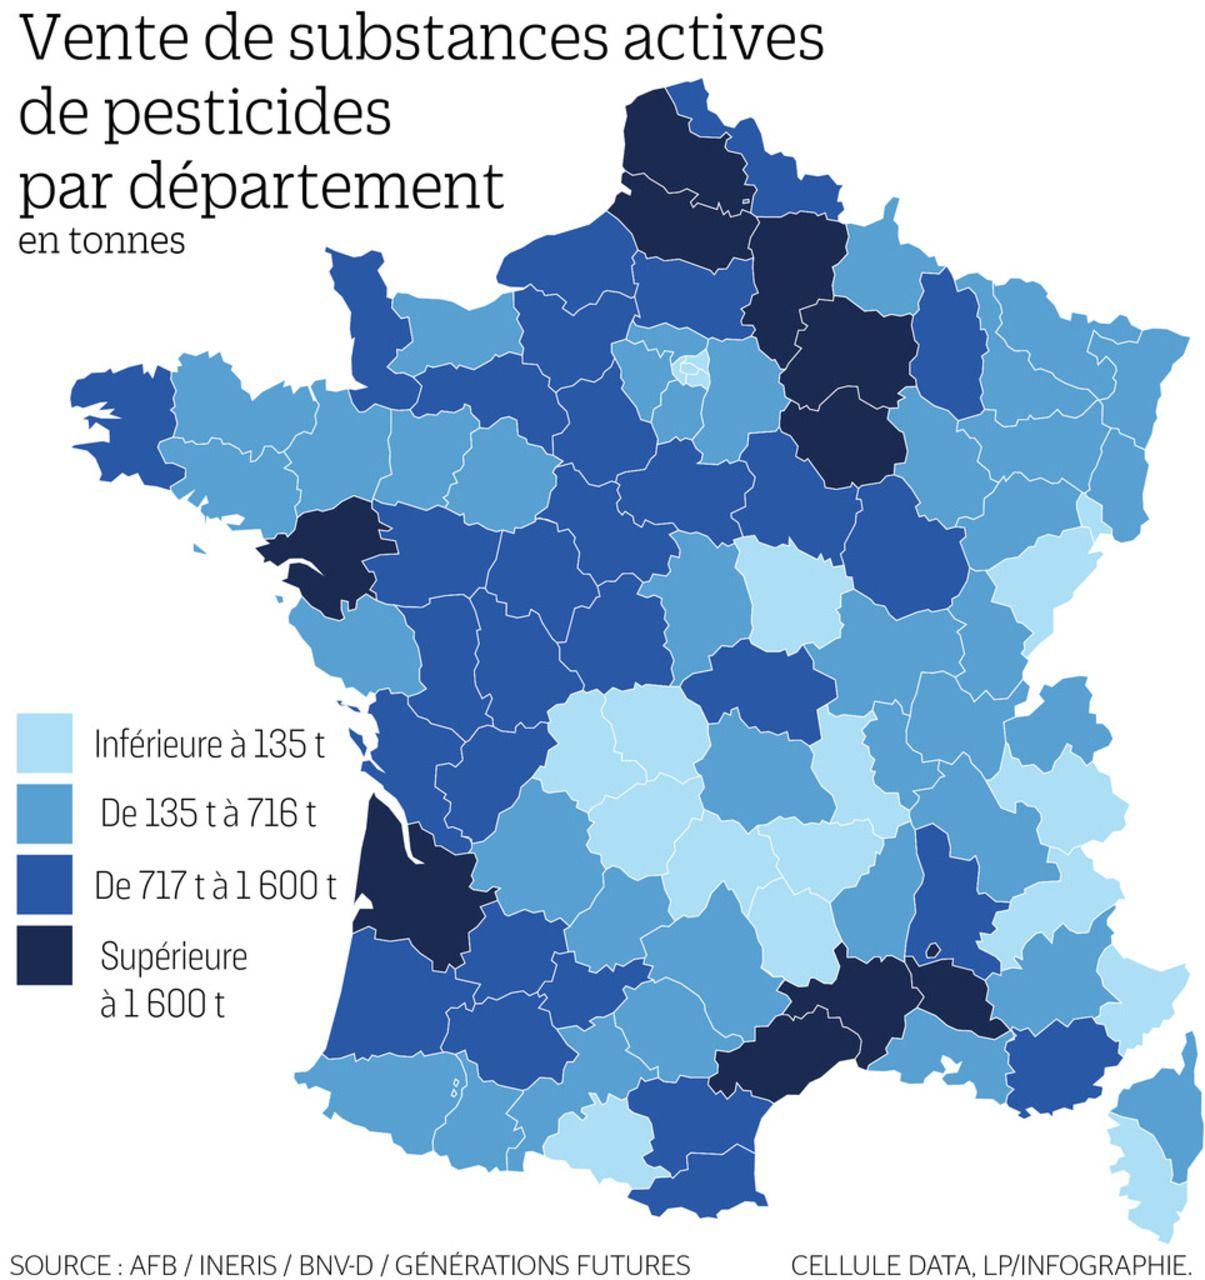 La Carte De France Des Départements Les Plus Consommateurs encequiconcerne Ile De France Département Numéro